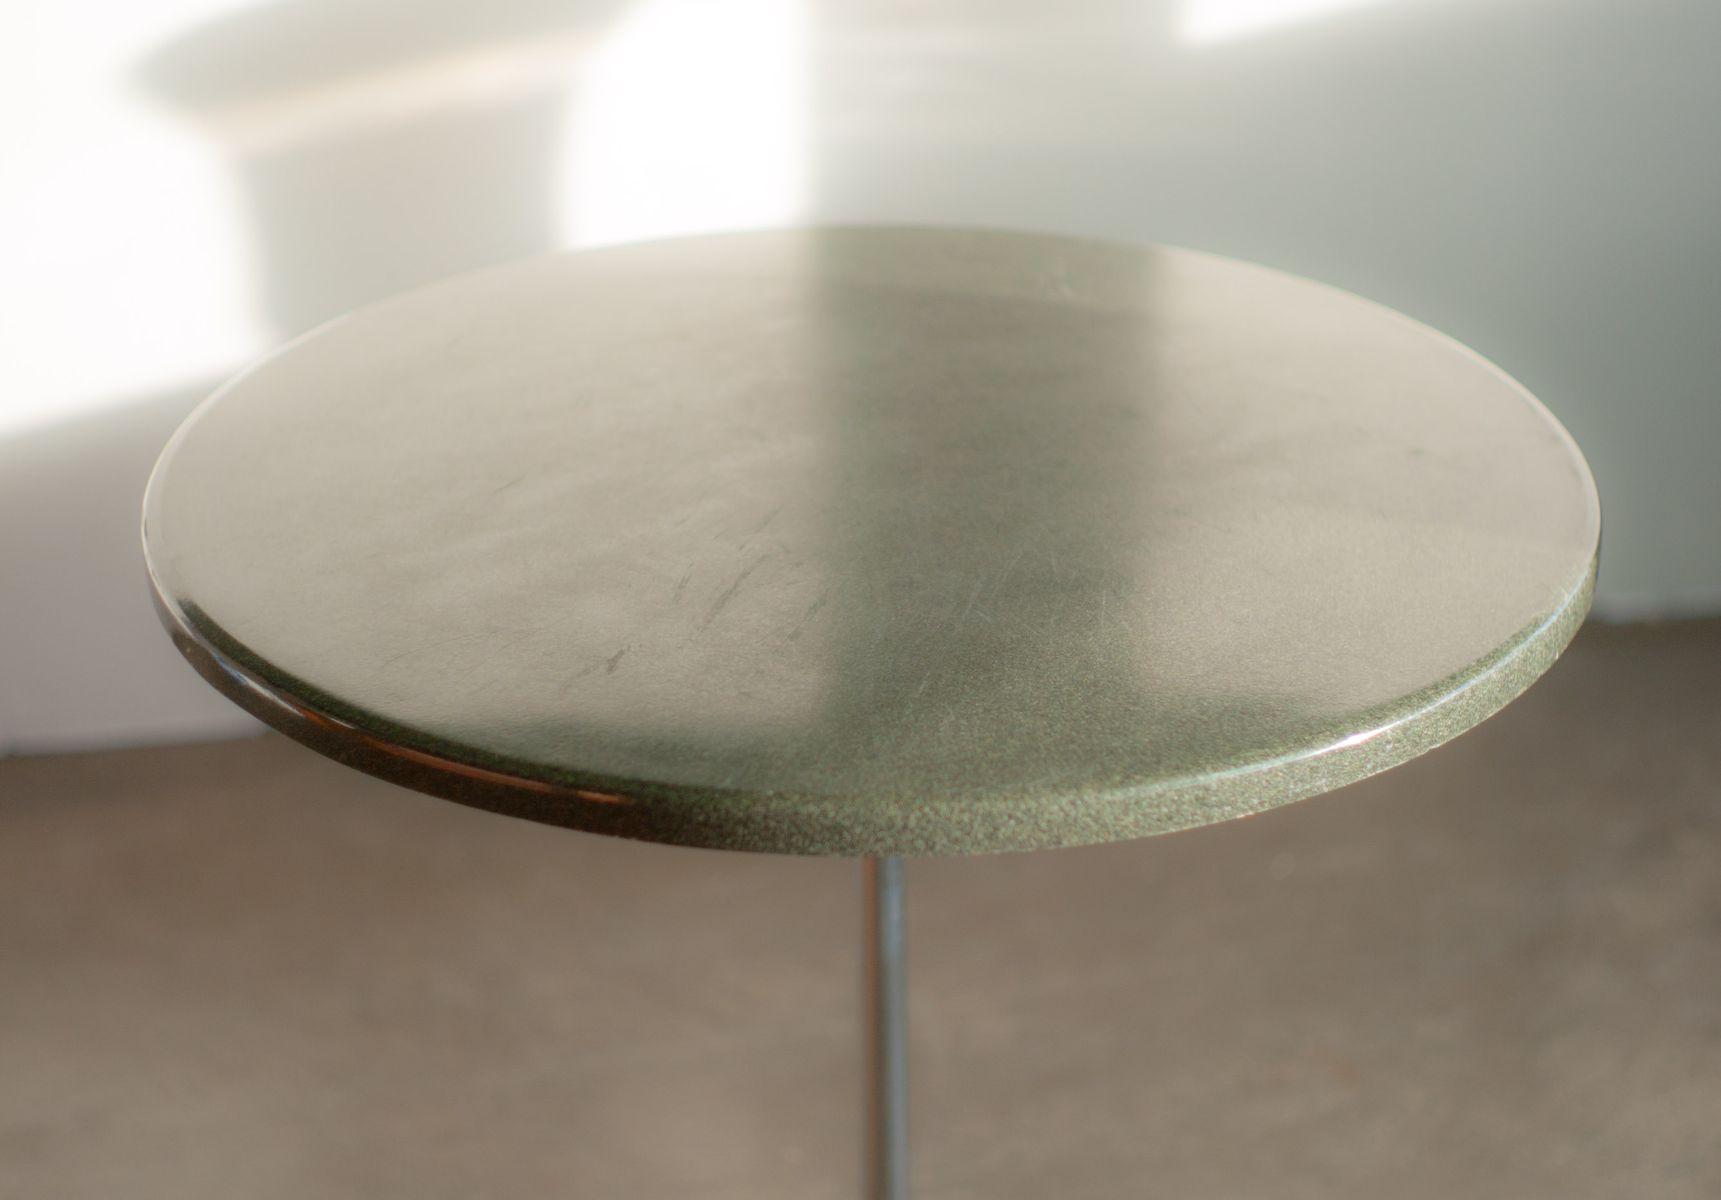 kleiner tisch mit verchromten gestell von charles ray. Black Bedroom Furniture Sets. Home Design Ideas